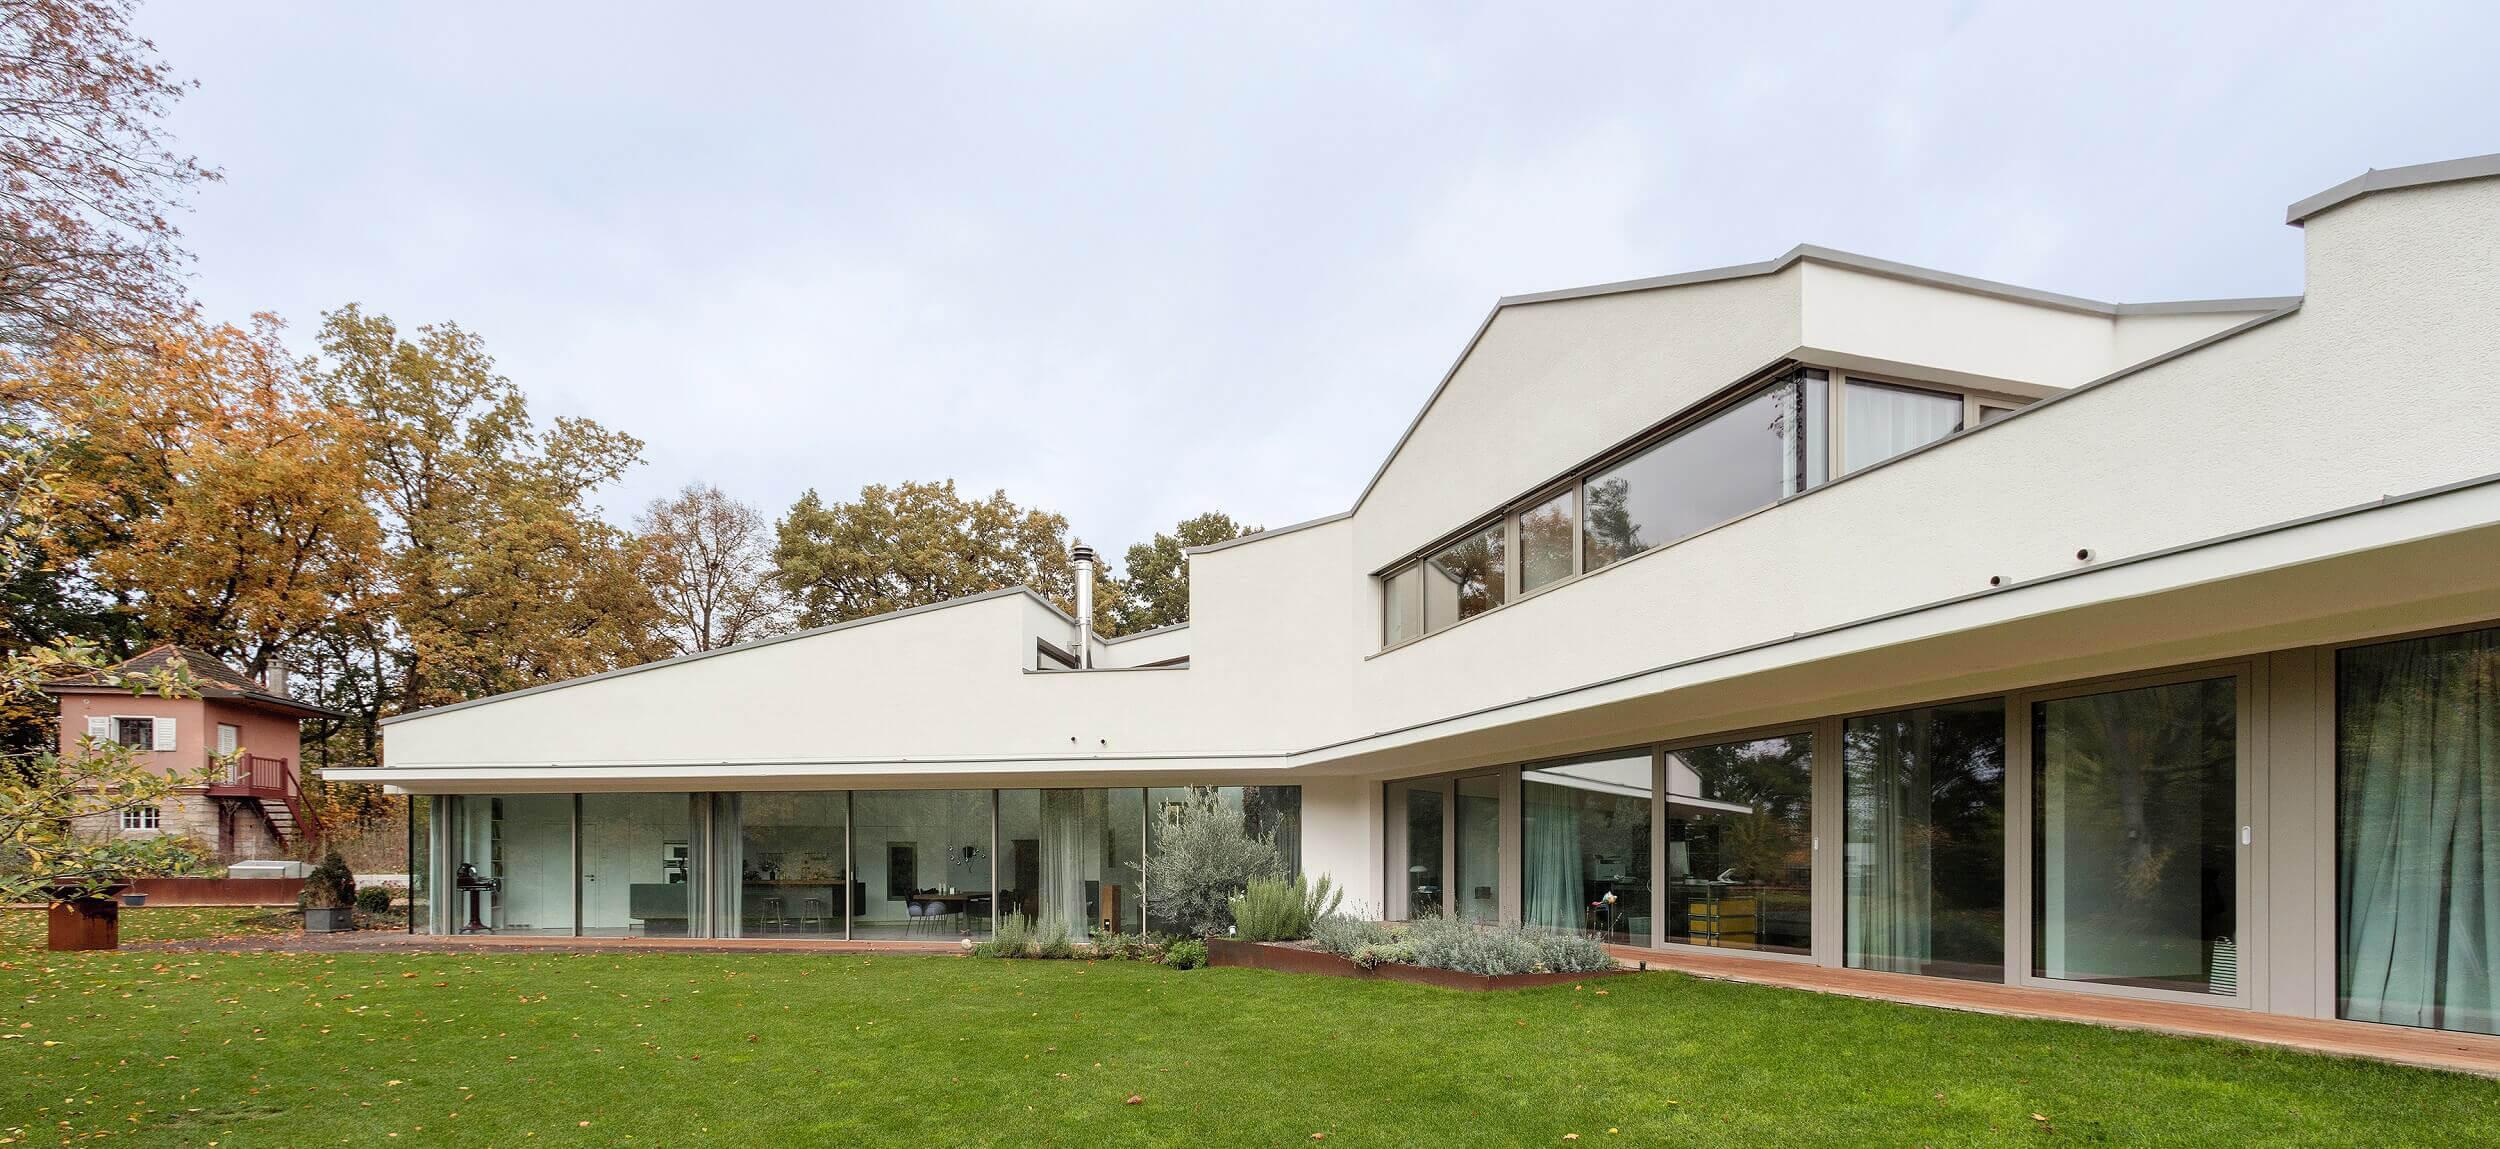 Architekt Erlangen gräßel architekten architektur innenarchitektur sanierung